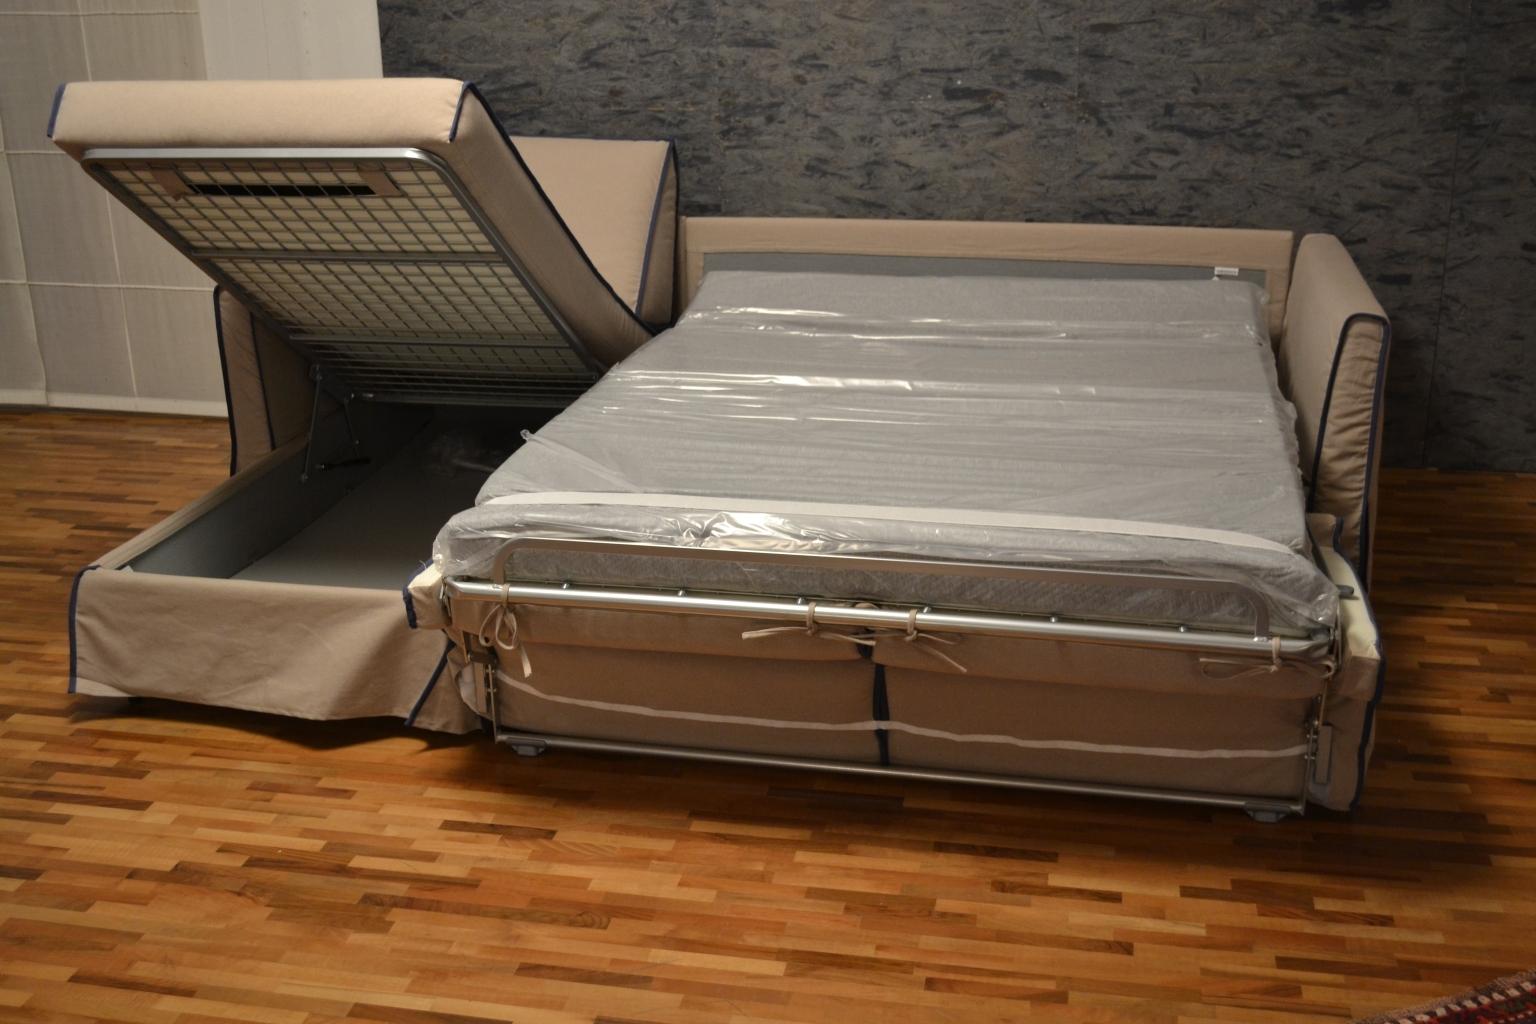 Divano letto gauss offerta divani a prezzi scontati - Divano letto con penisola prezzi ...